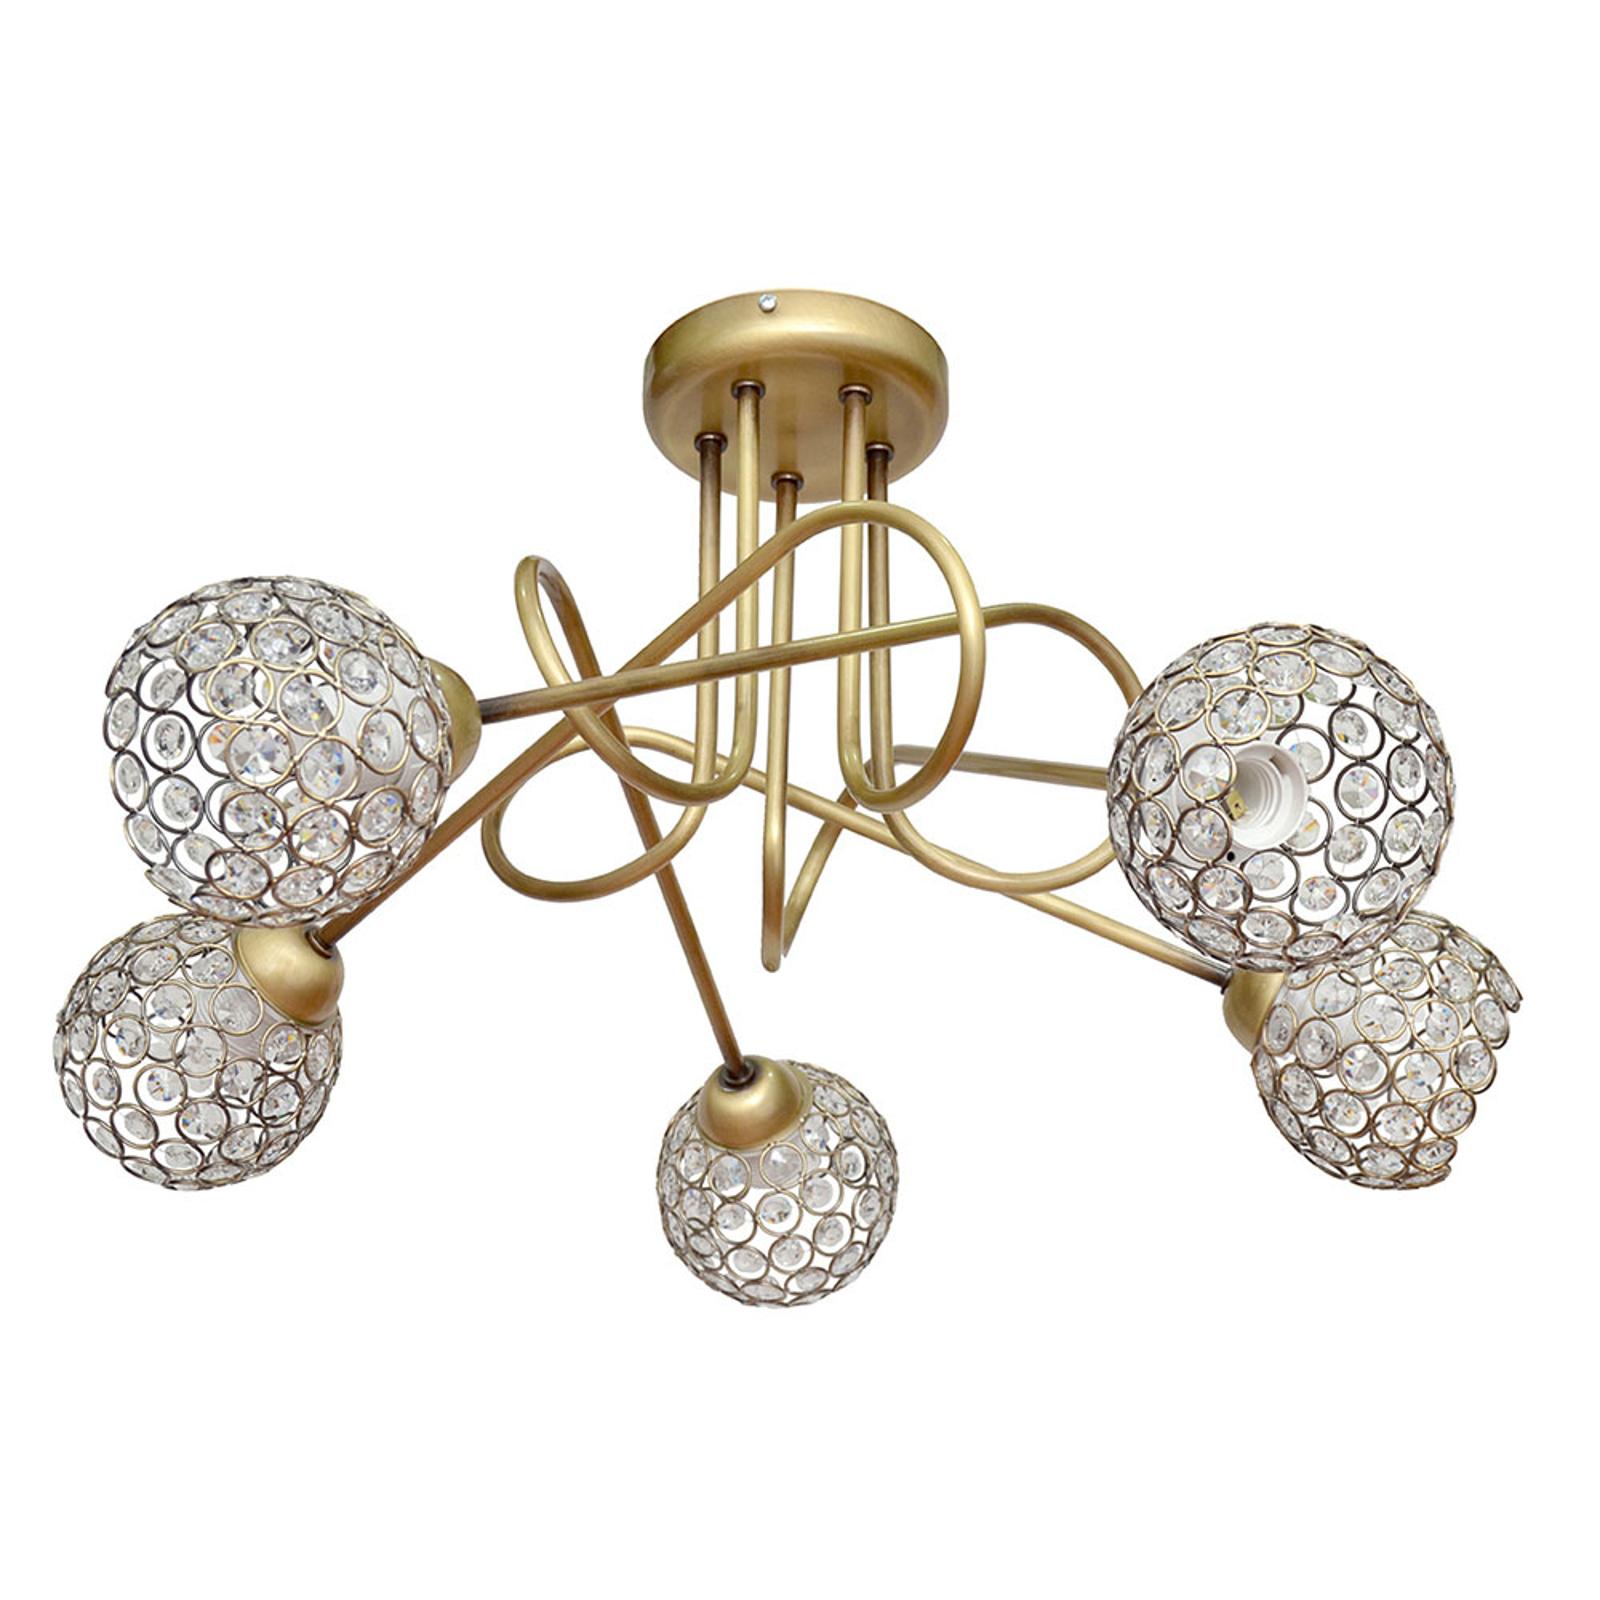 Taklampe Oxford i gull med krystaller, 5 lyskilder